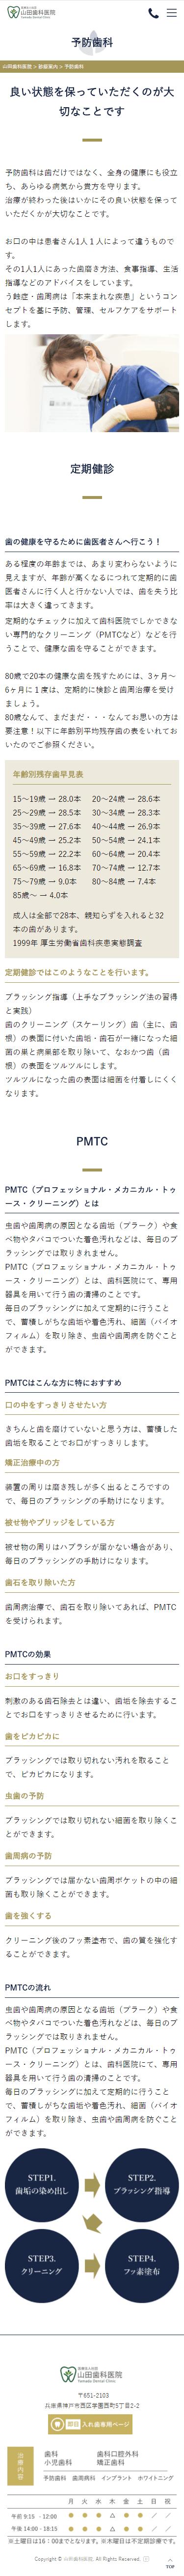 神戸市 山田歯科医院様 ホームページ制作4